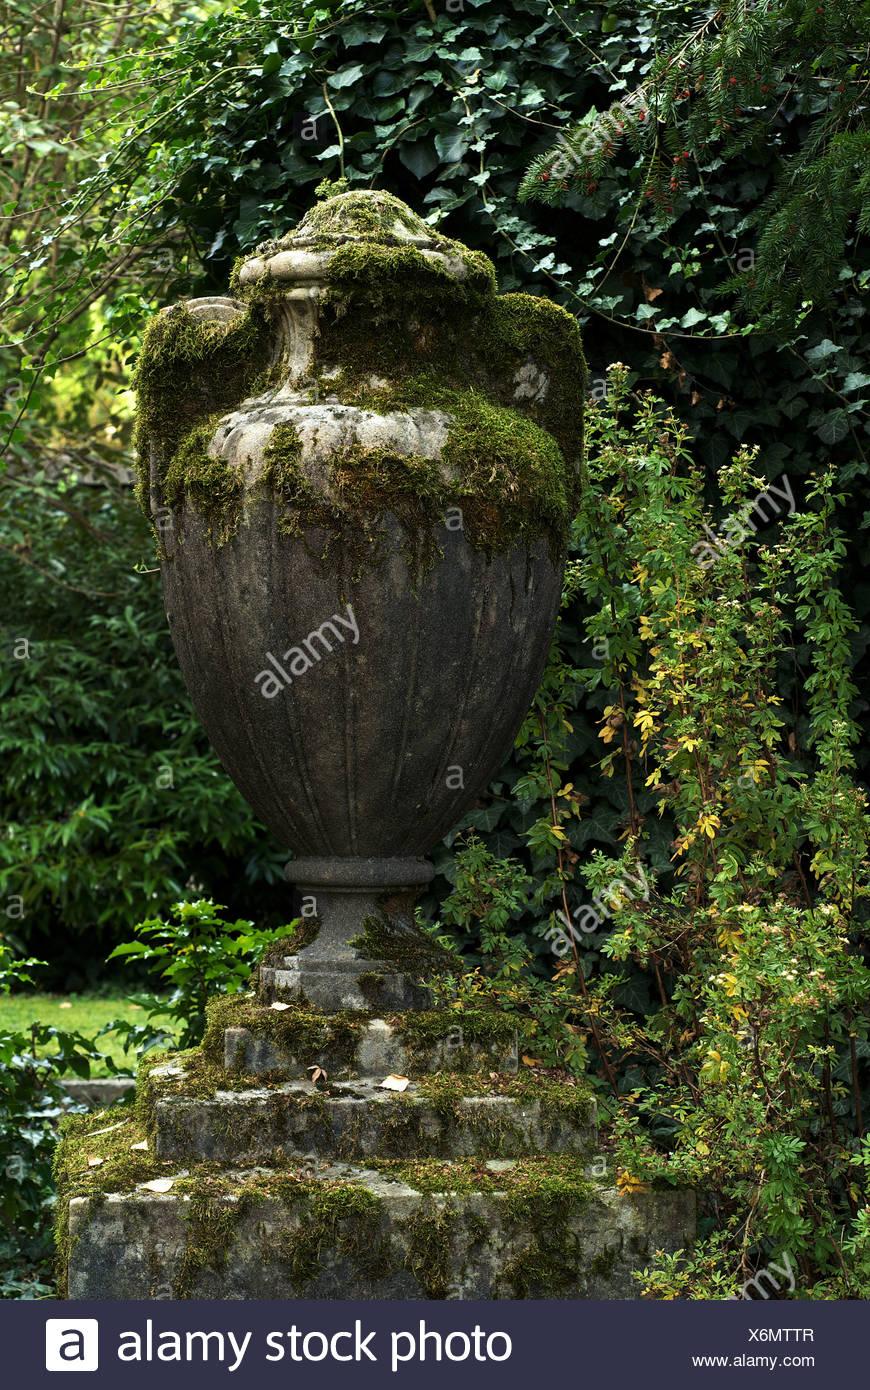 Zurich, Switzerland, a mossy, ancient amphora - Stock Image